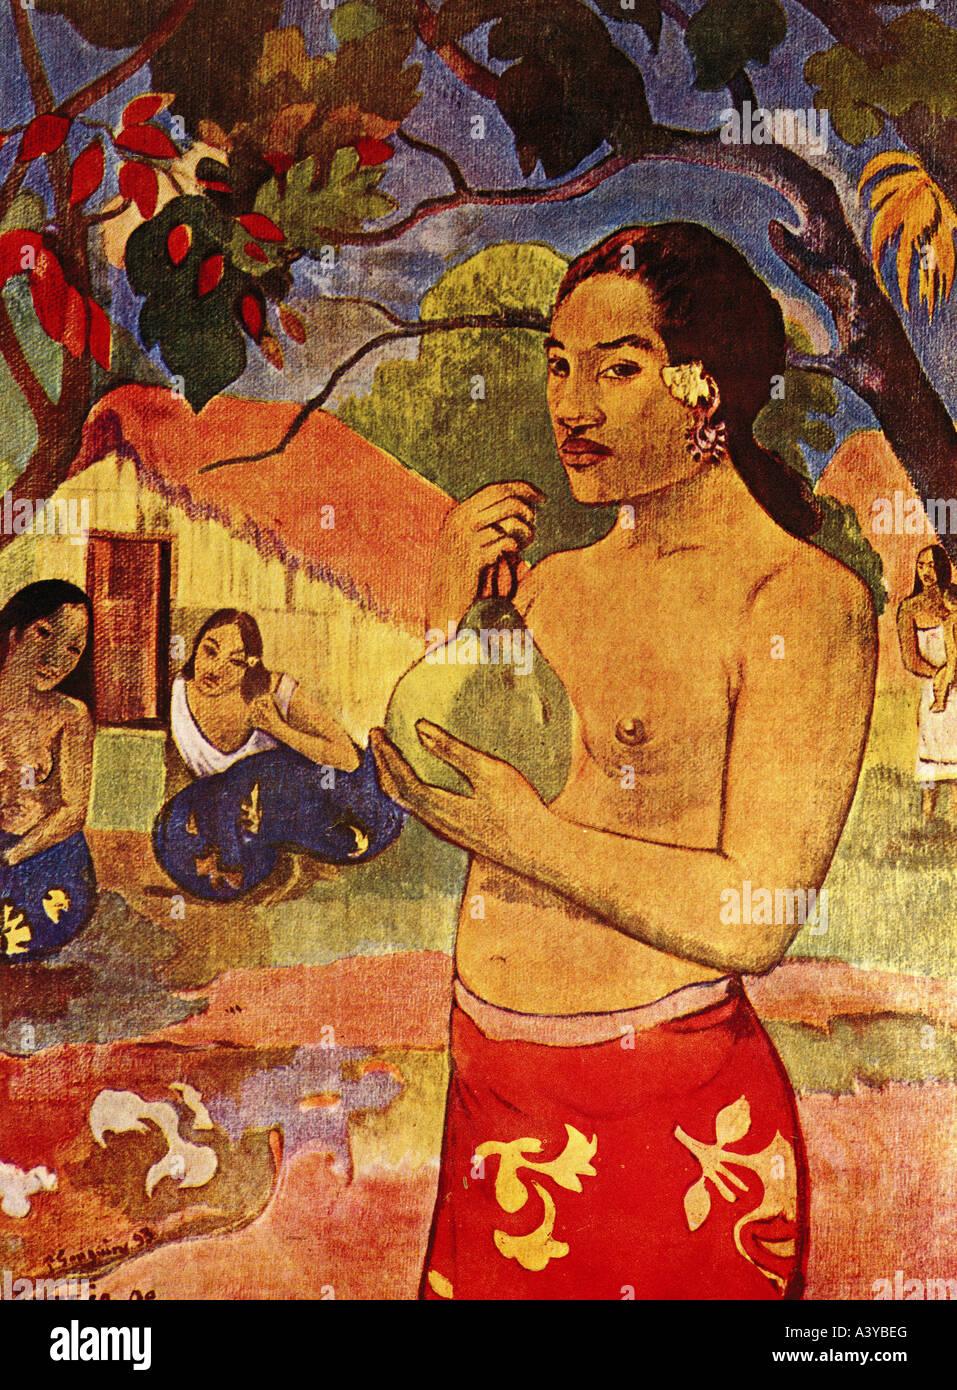 'Fine Arts, Gauguin, Paul, (1848 - 1903), peinture, 'femme Tahiti avec fruit', 1893, huile sur toile, musée Puschkin, Banque D'Images